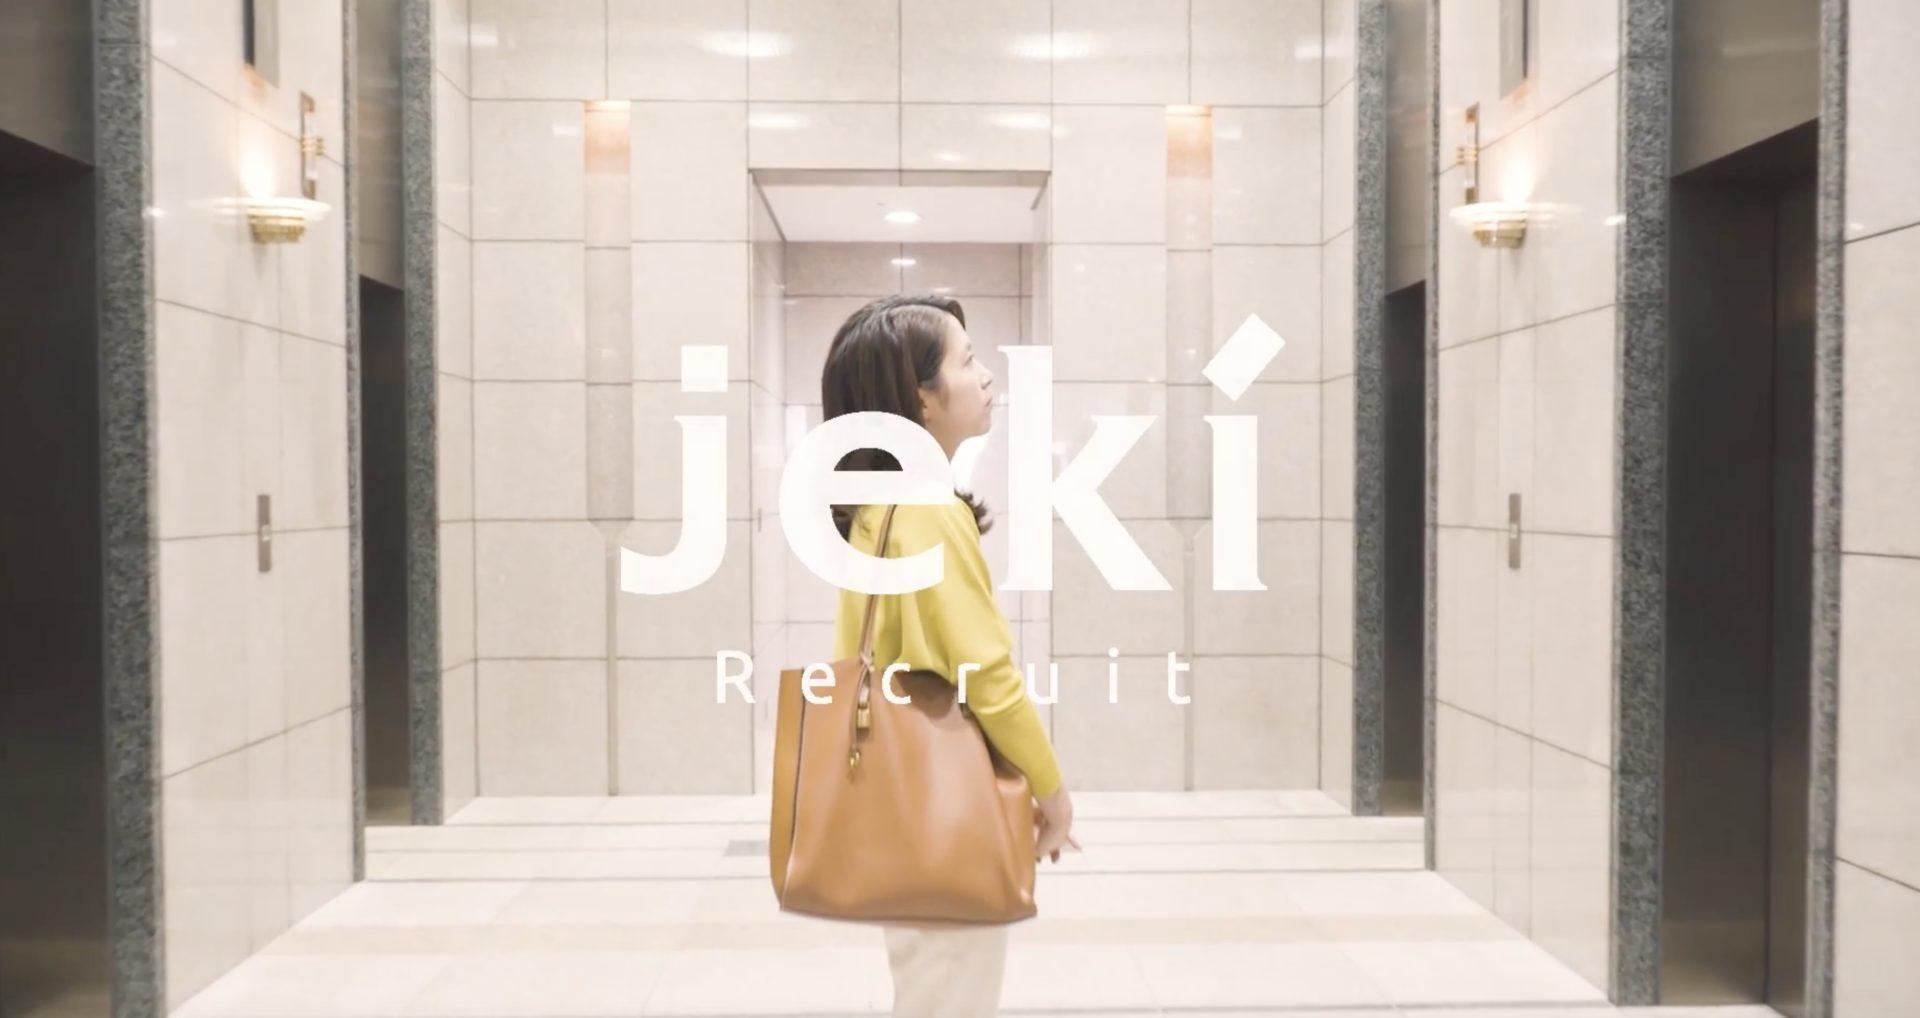 株式会社ジェイアール東日本企画 Recruit2020 会社説明動画 撮影&編集